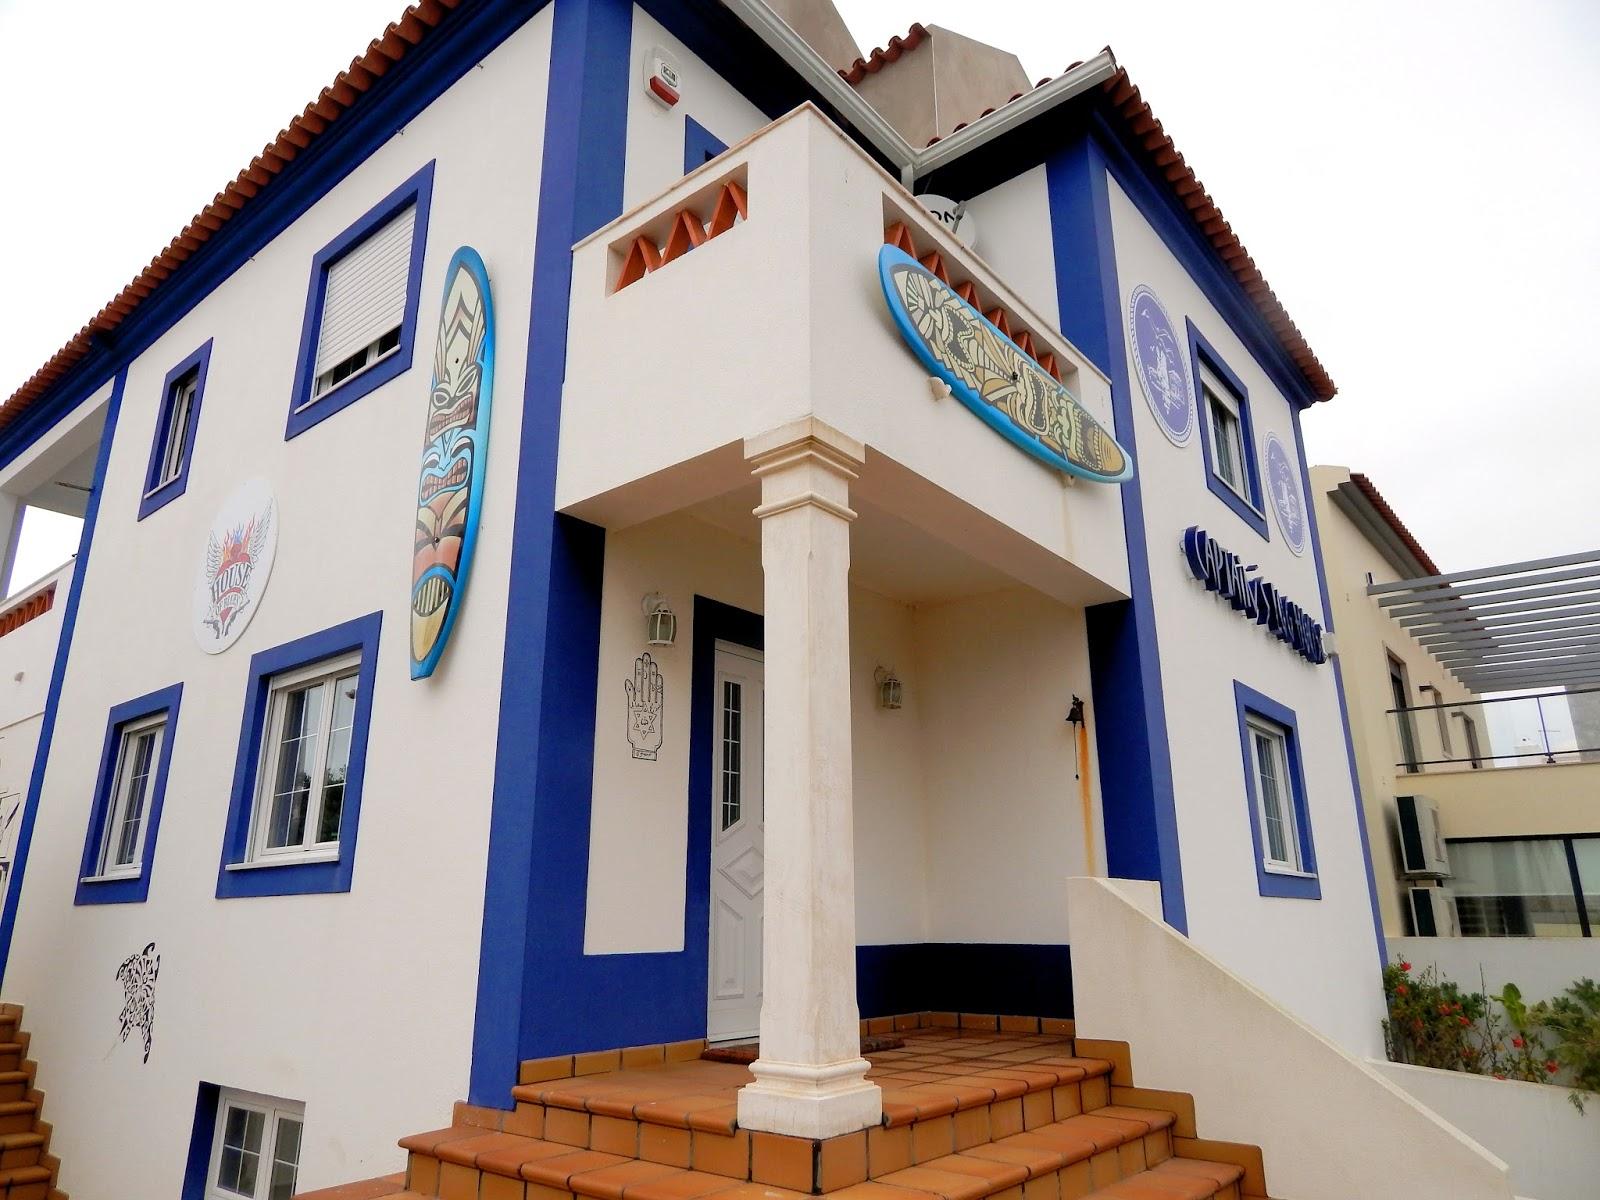 peniche-portugal-verano-2014